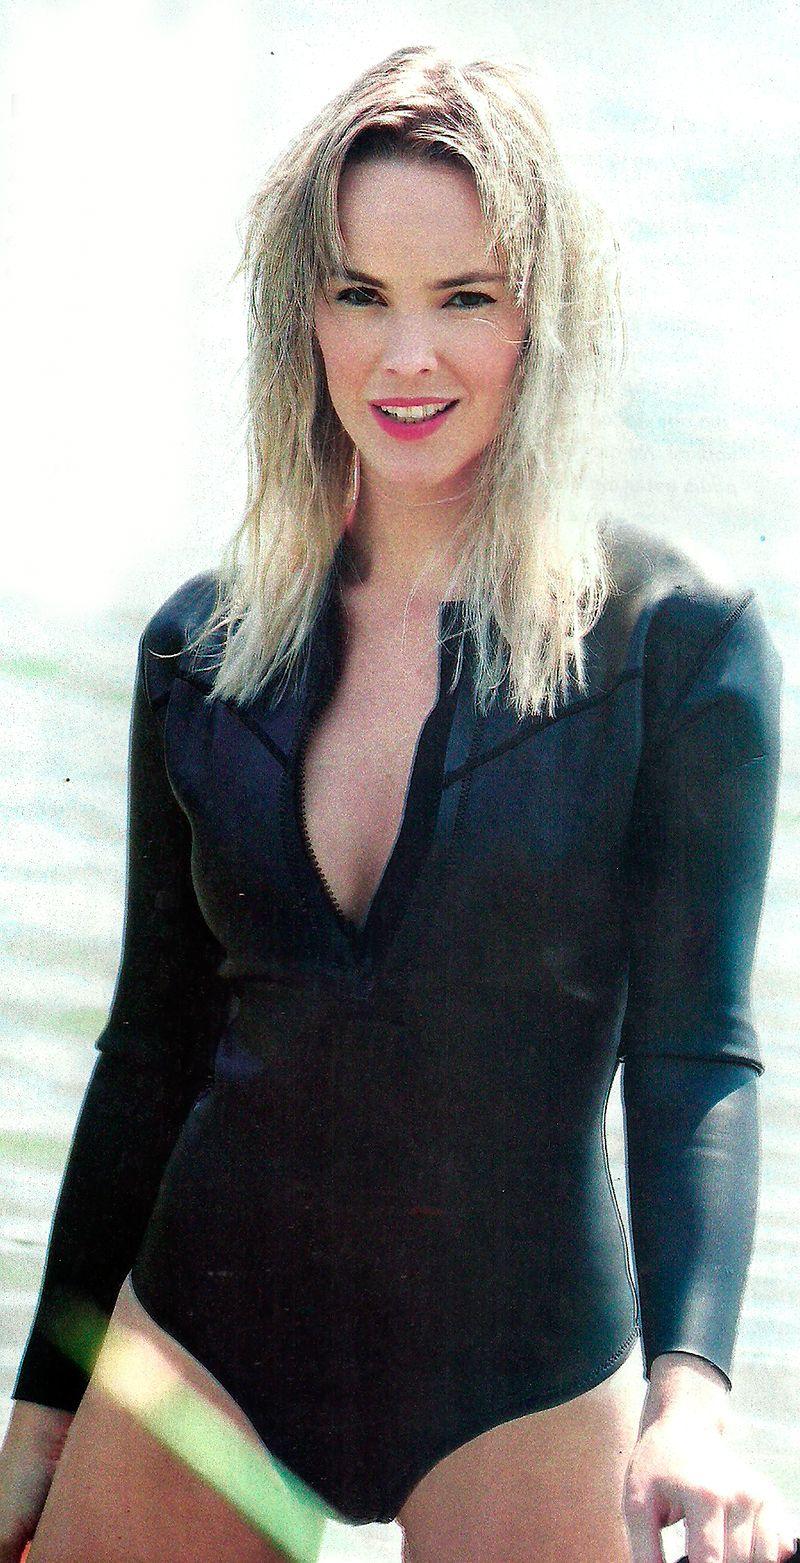 El destape de Mariana Seligmann, ex Muni: Estoy mucho mejor a los 31 que a los 21